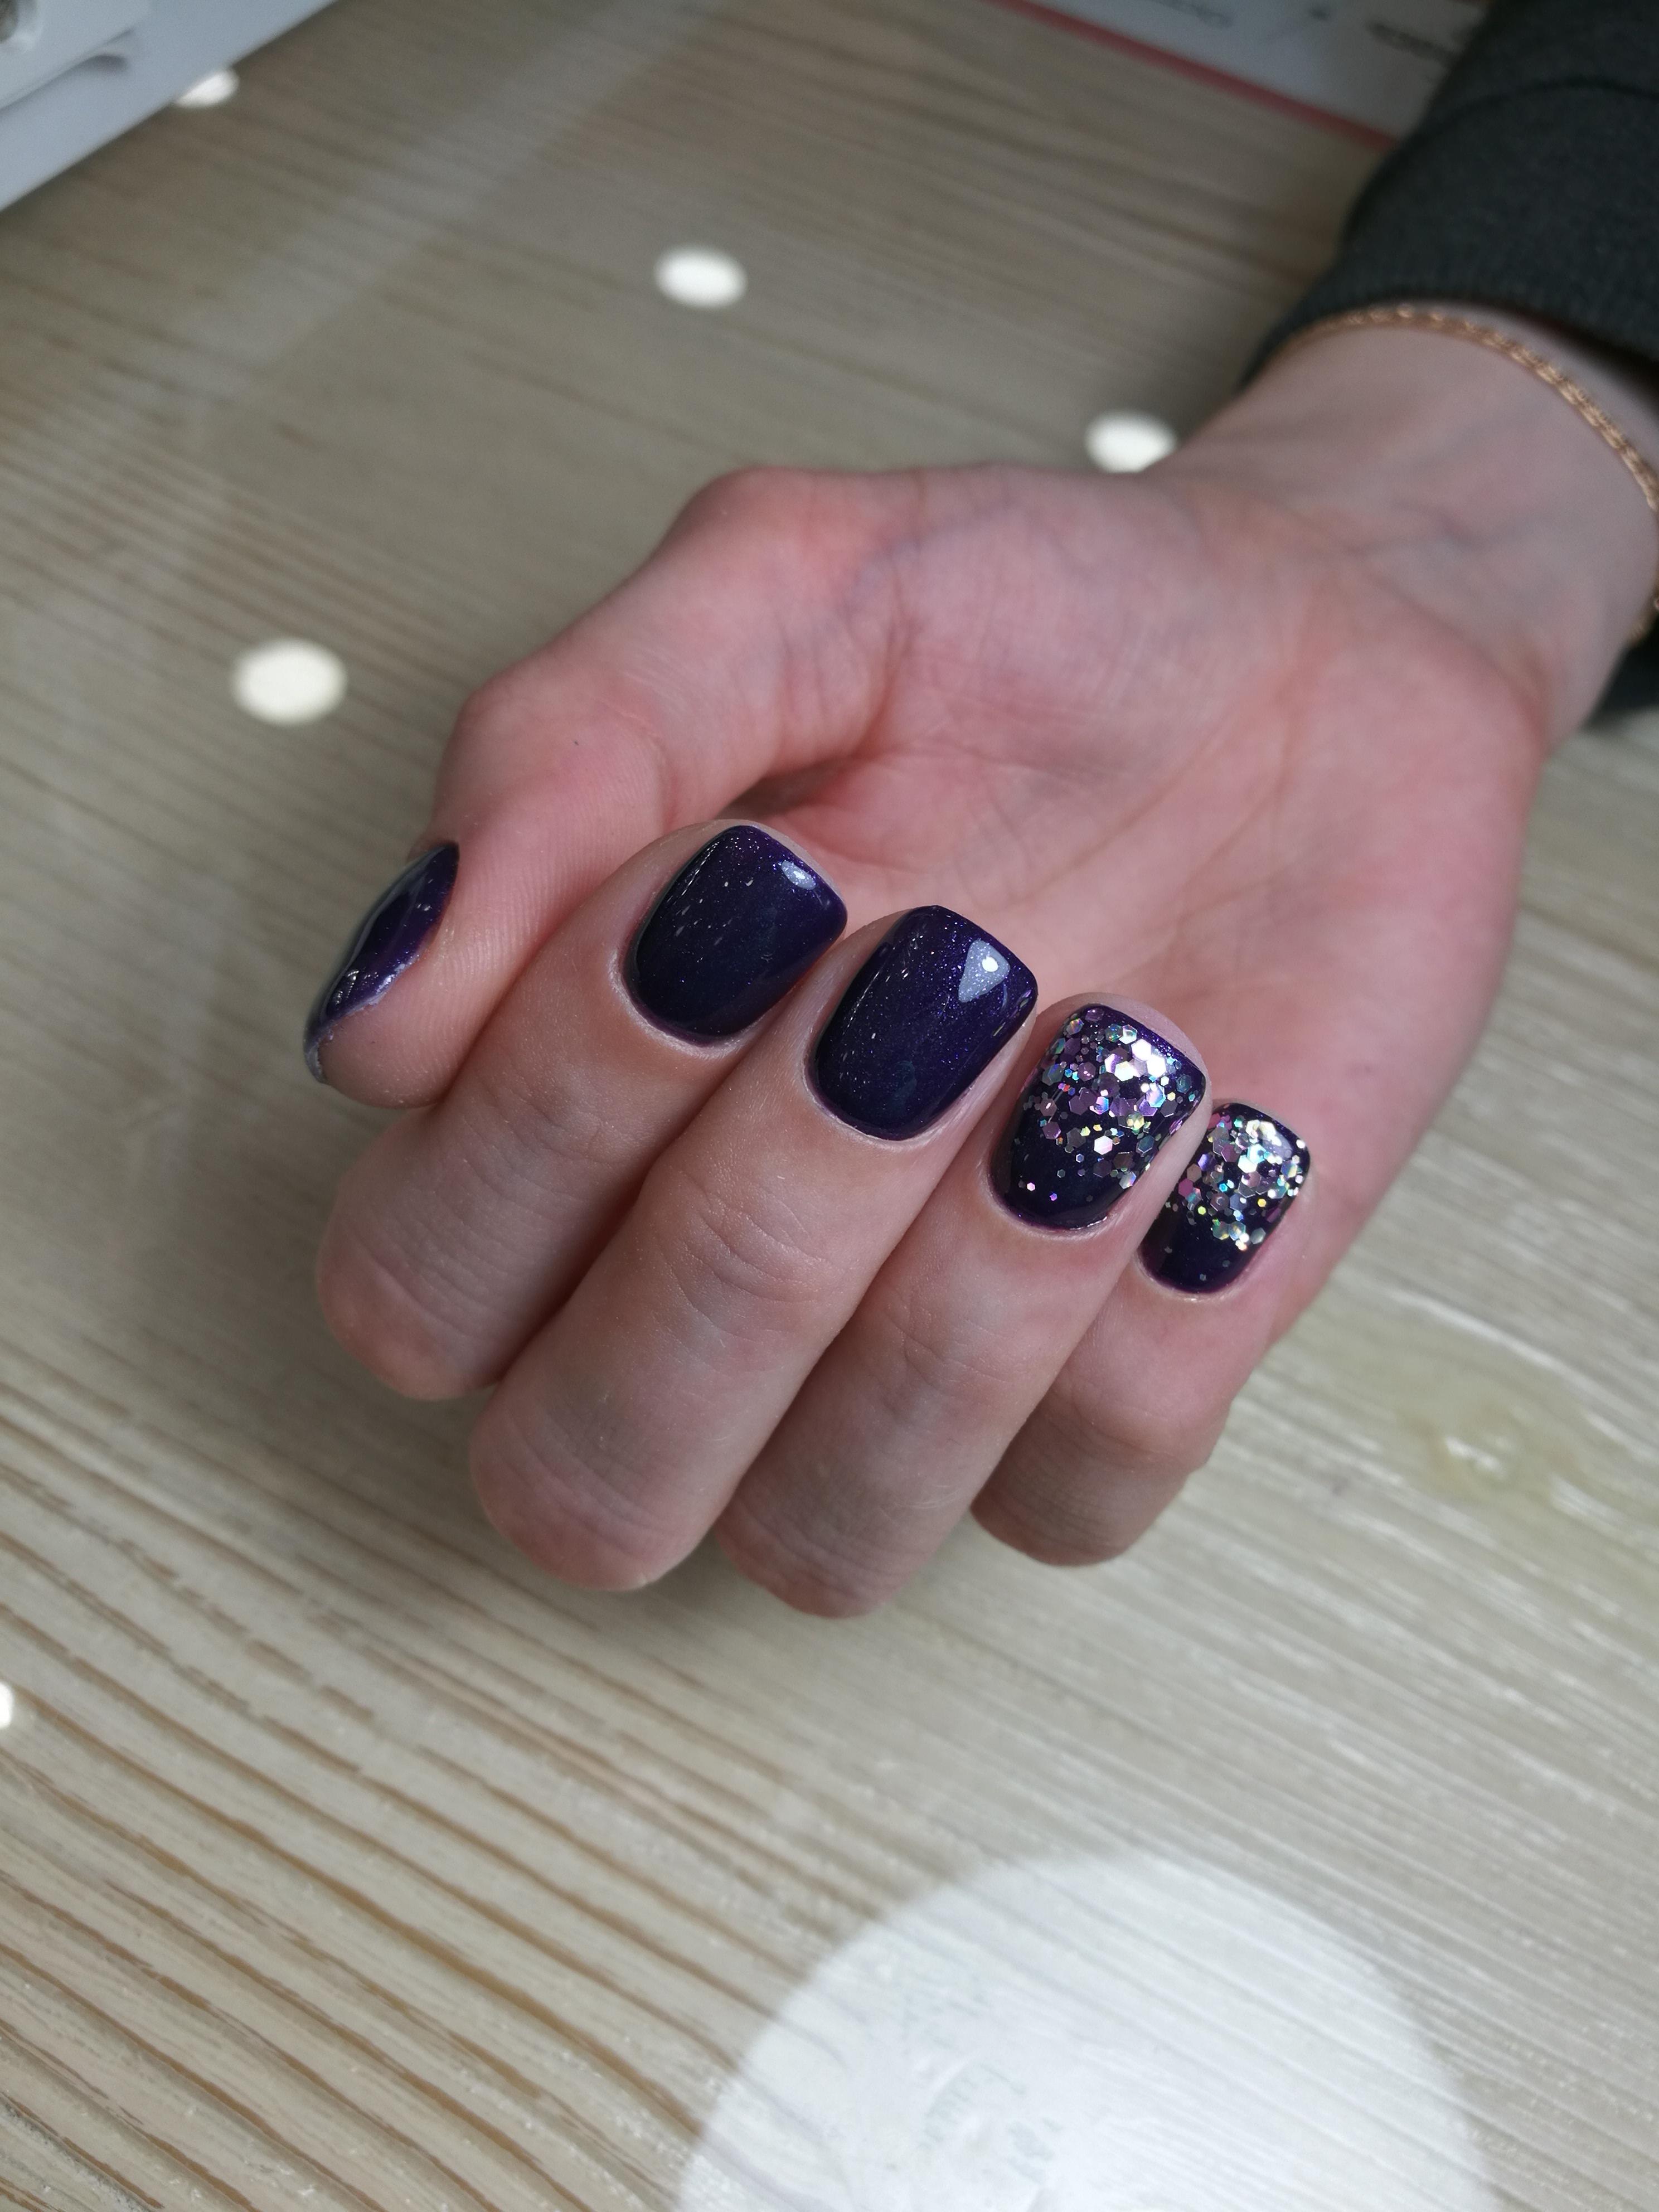 Маникюр в тёмно-синем цвете с серебряными блёстками и камифубуки.